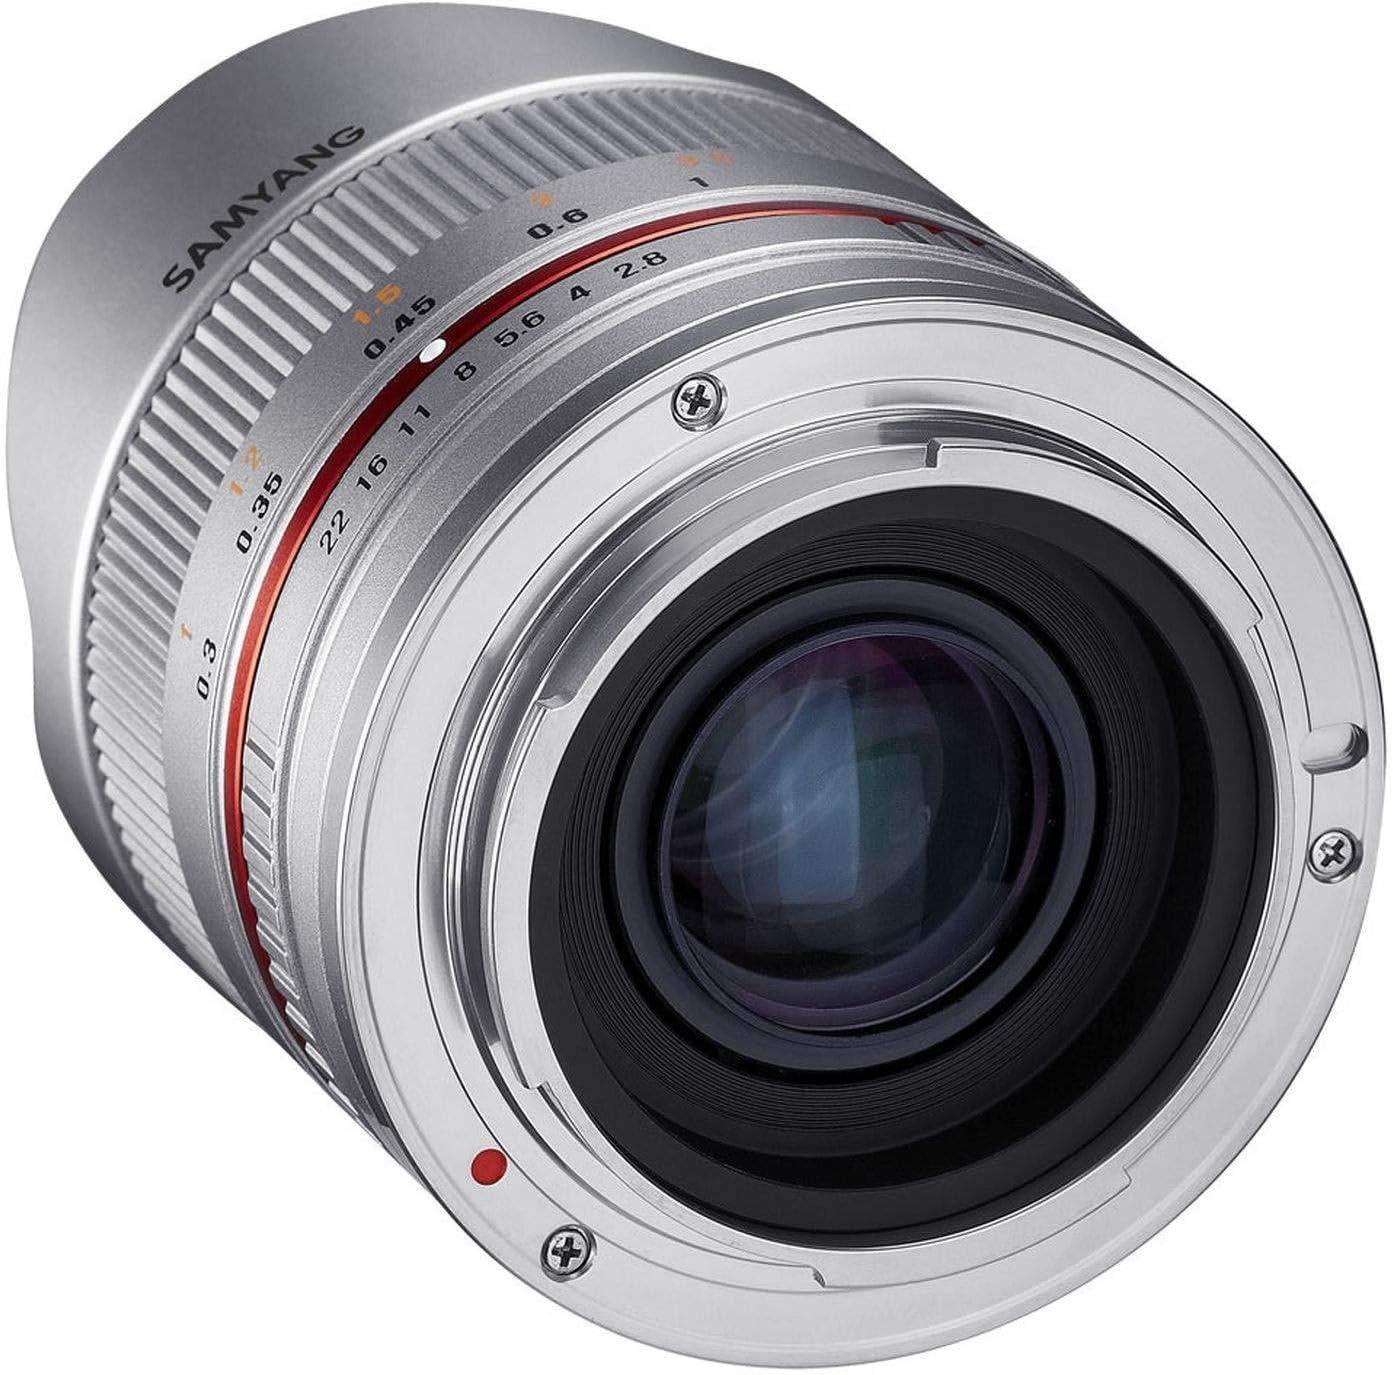 Samyang 8 mm Fisheye F2.8 Manual Focus Lens for Fuji X Black